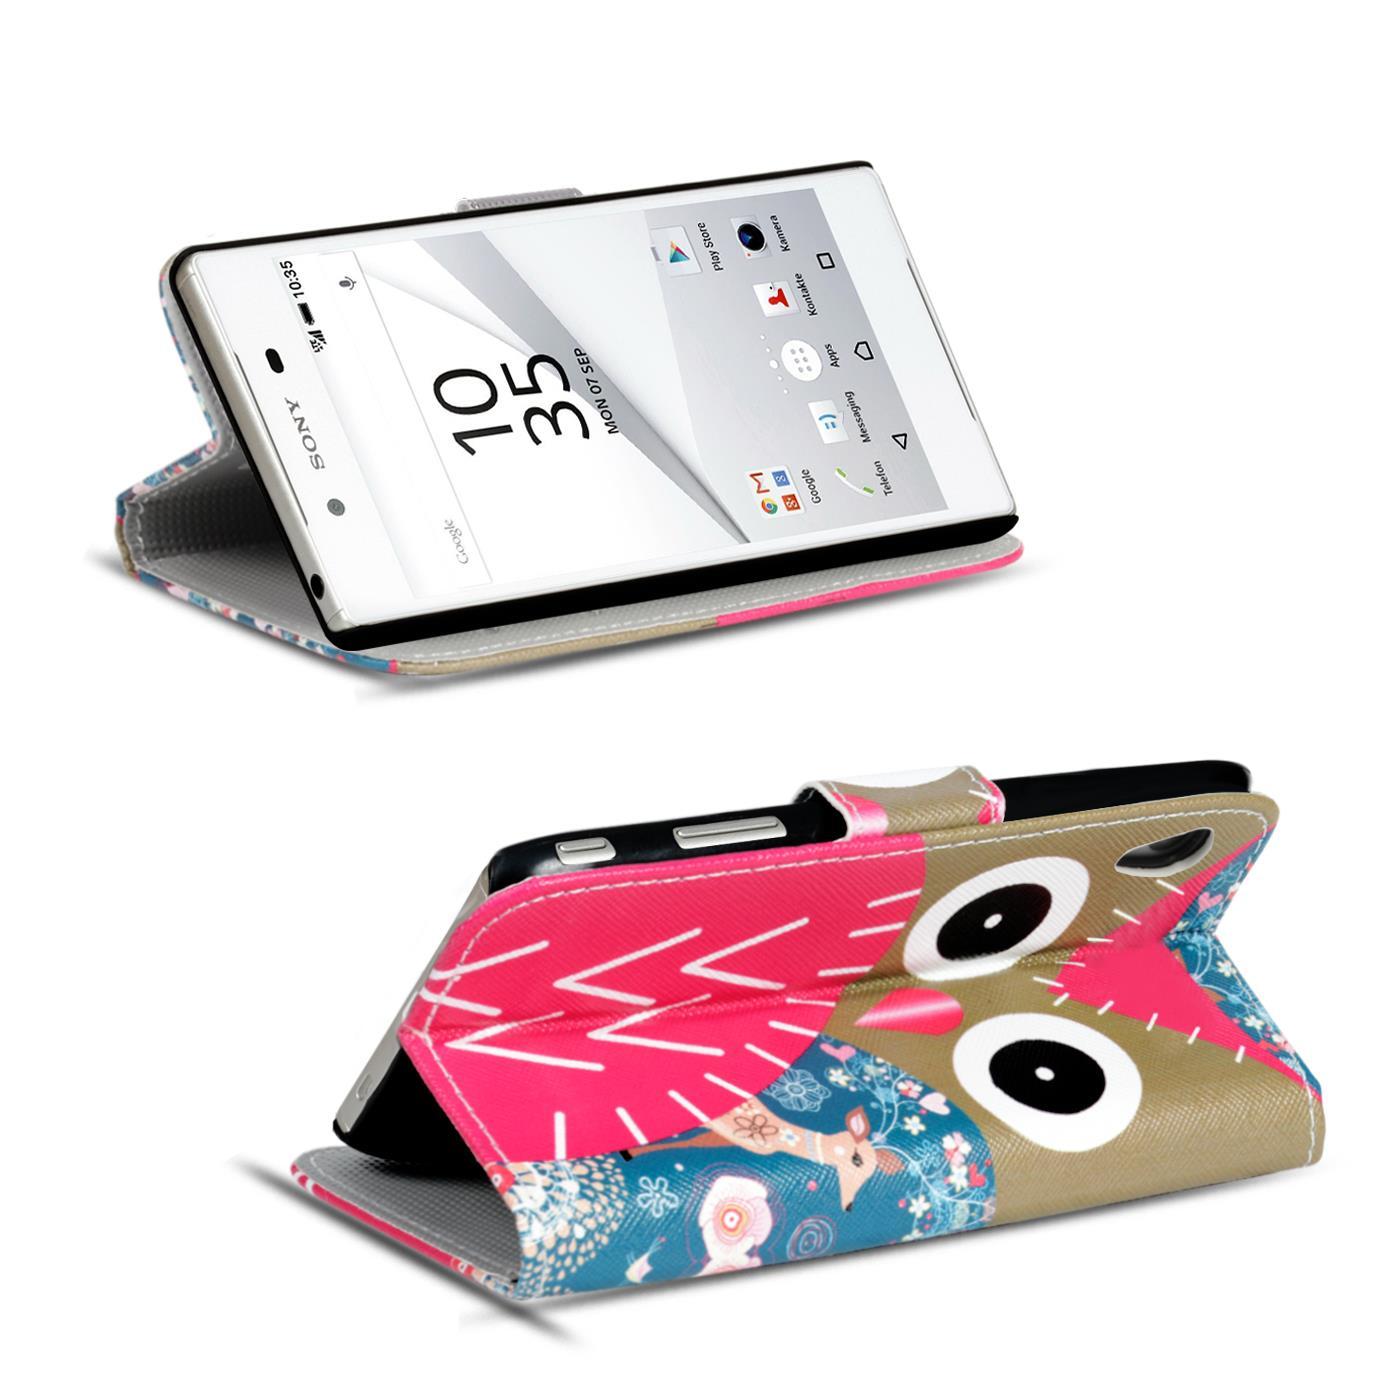 Etui-de-Portable-Motif-pour-Sony-Xperia-a-Clapet-Housse-COQUE-Protection